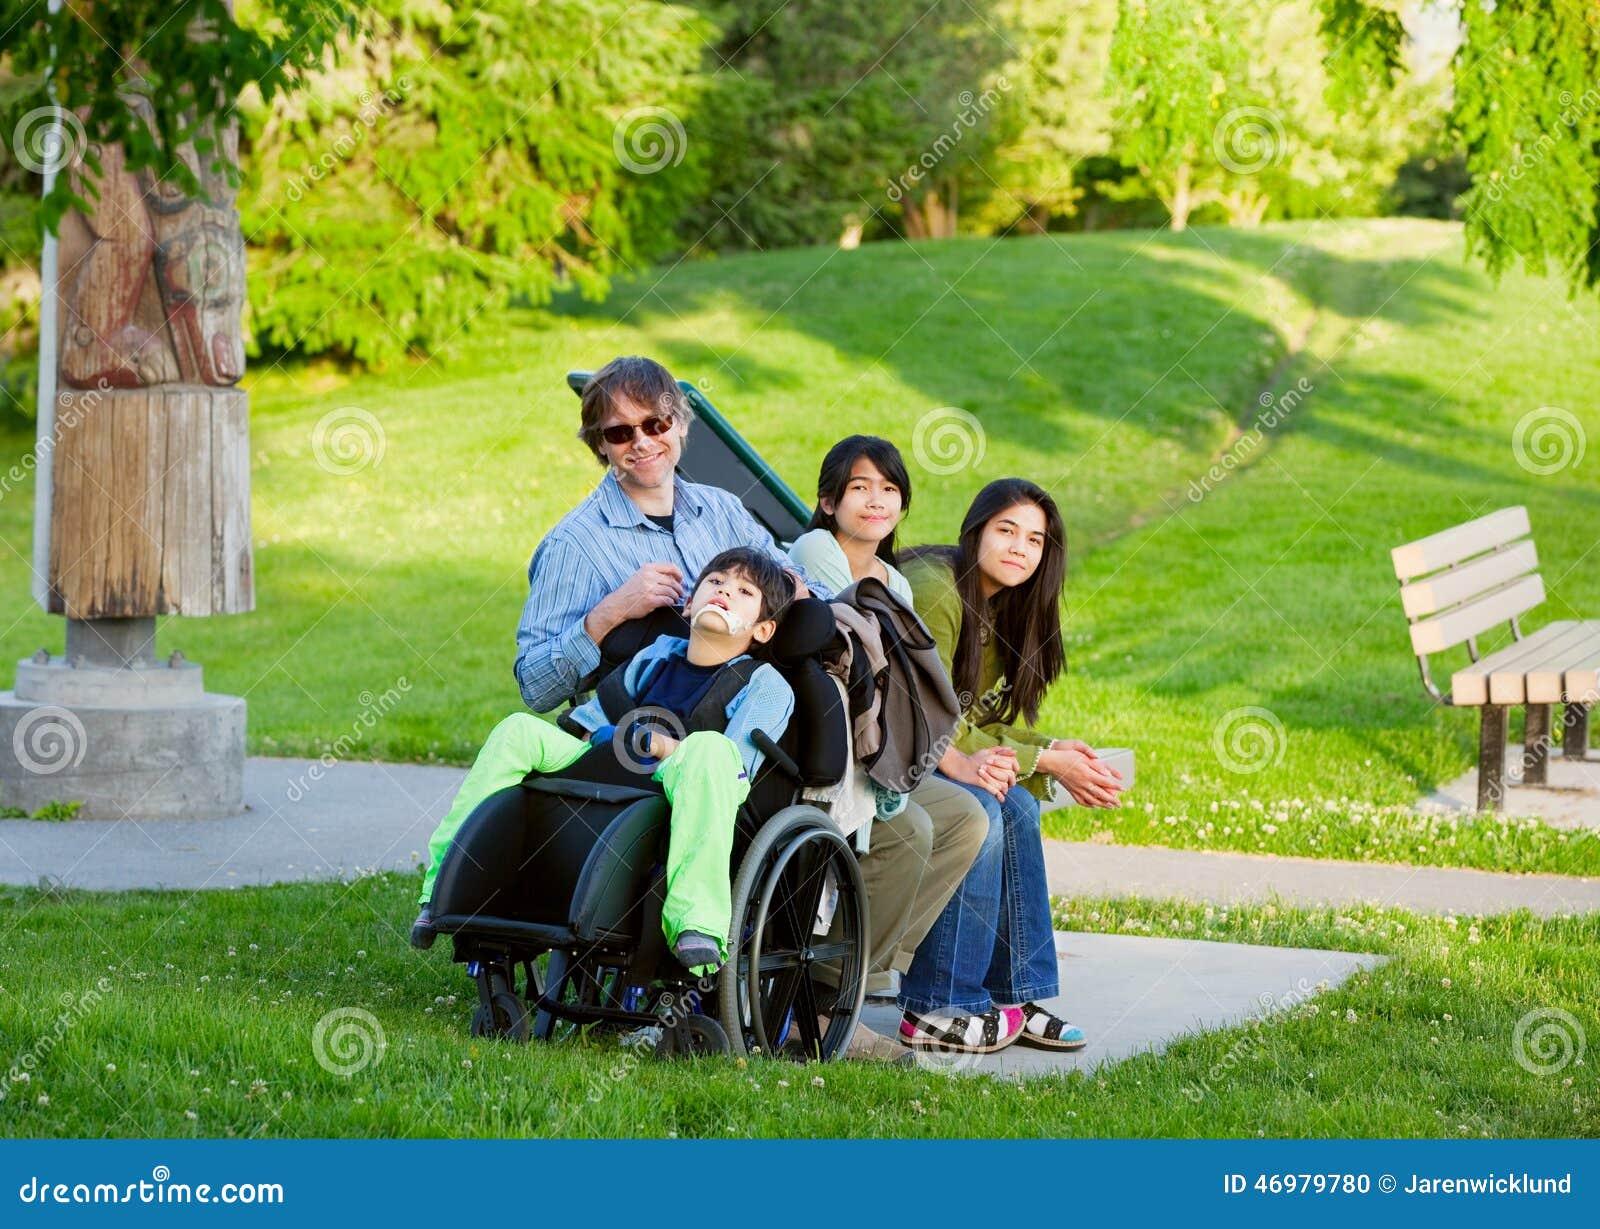 Behinderter Junge im Rollstuhl mit Familie draußen am sonnigen Tag sitzen